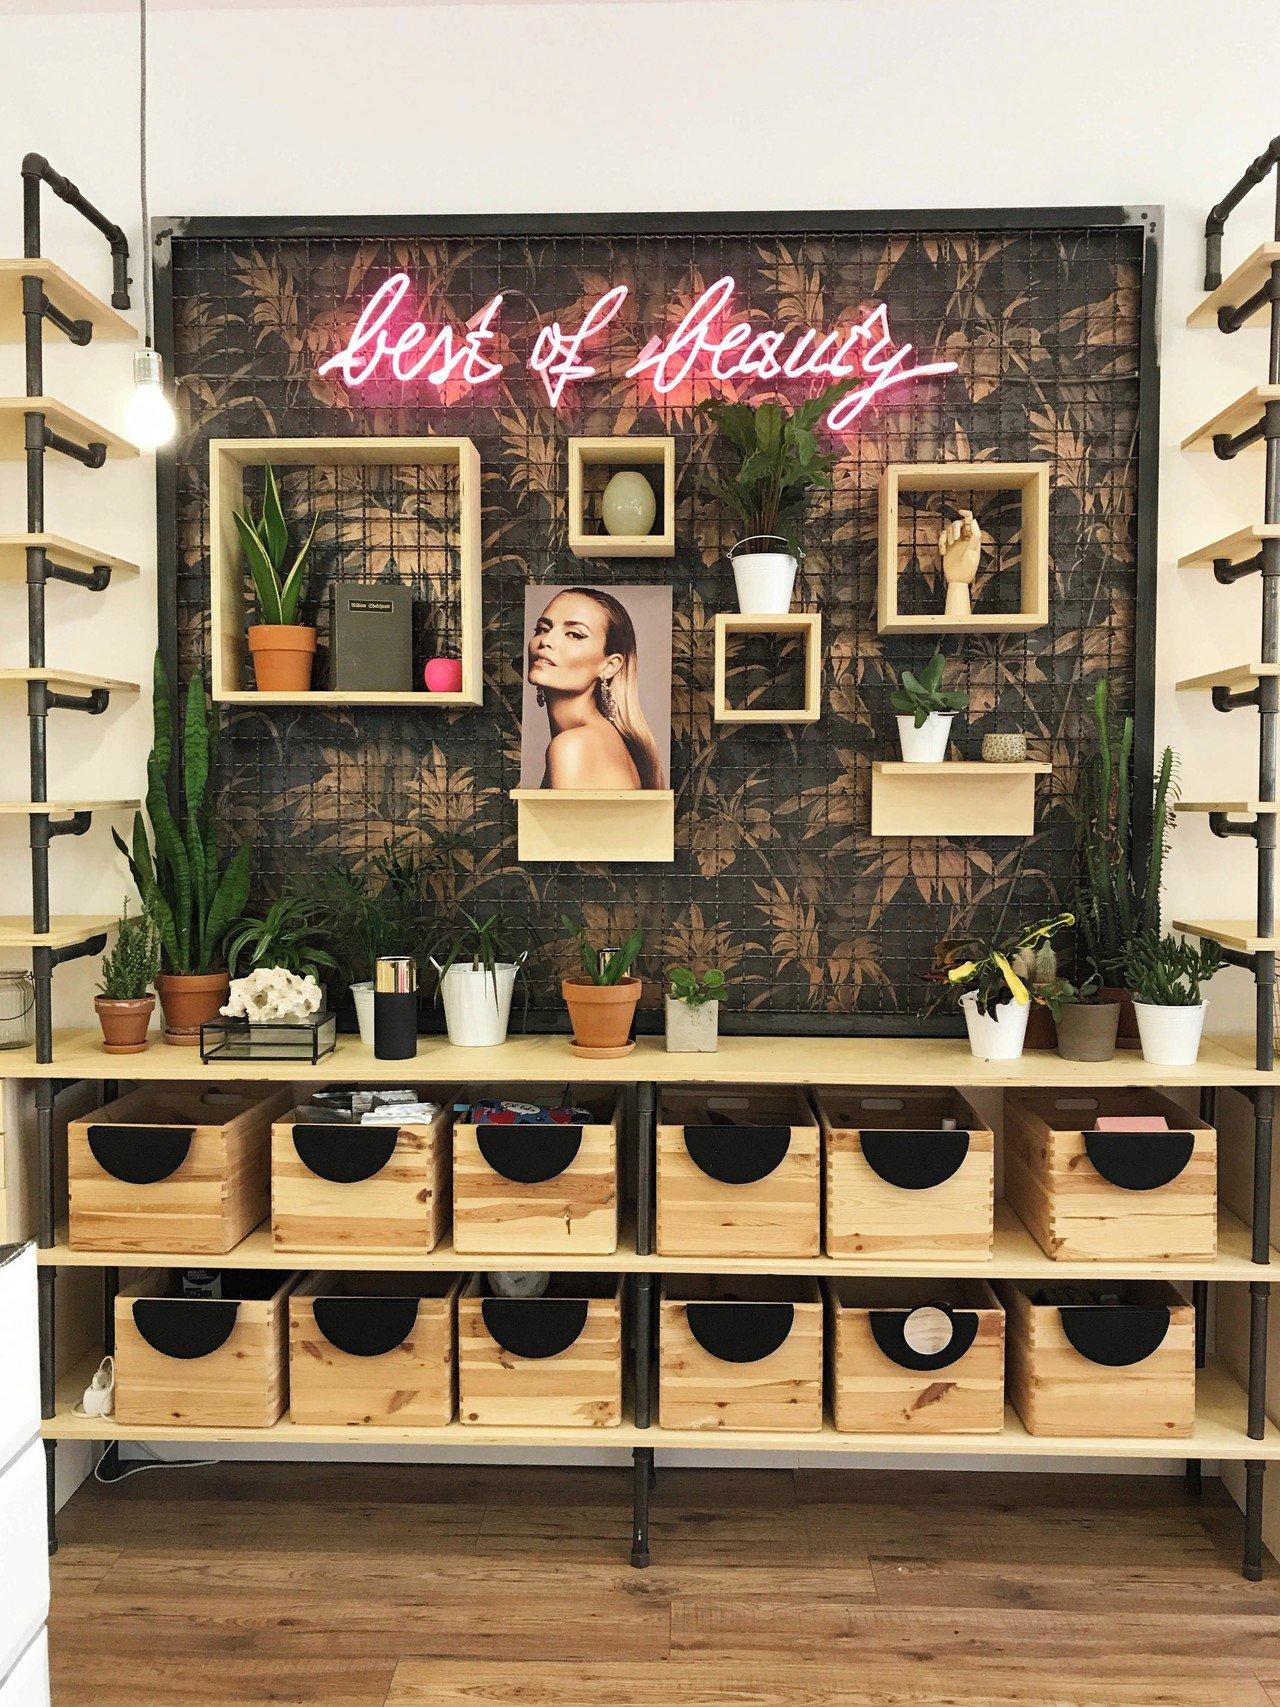 Berlin  Besonders Schöner Beauty Concept Store in Berlin Prenzlauer Berg image 0